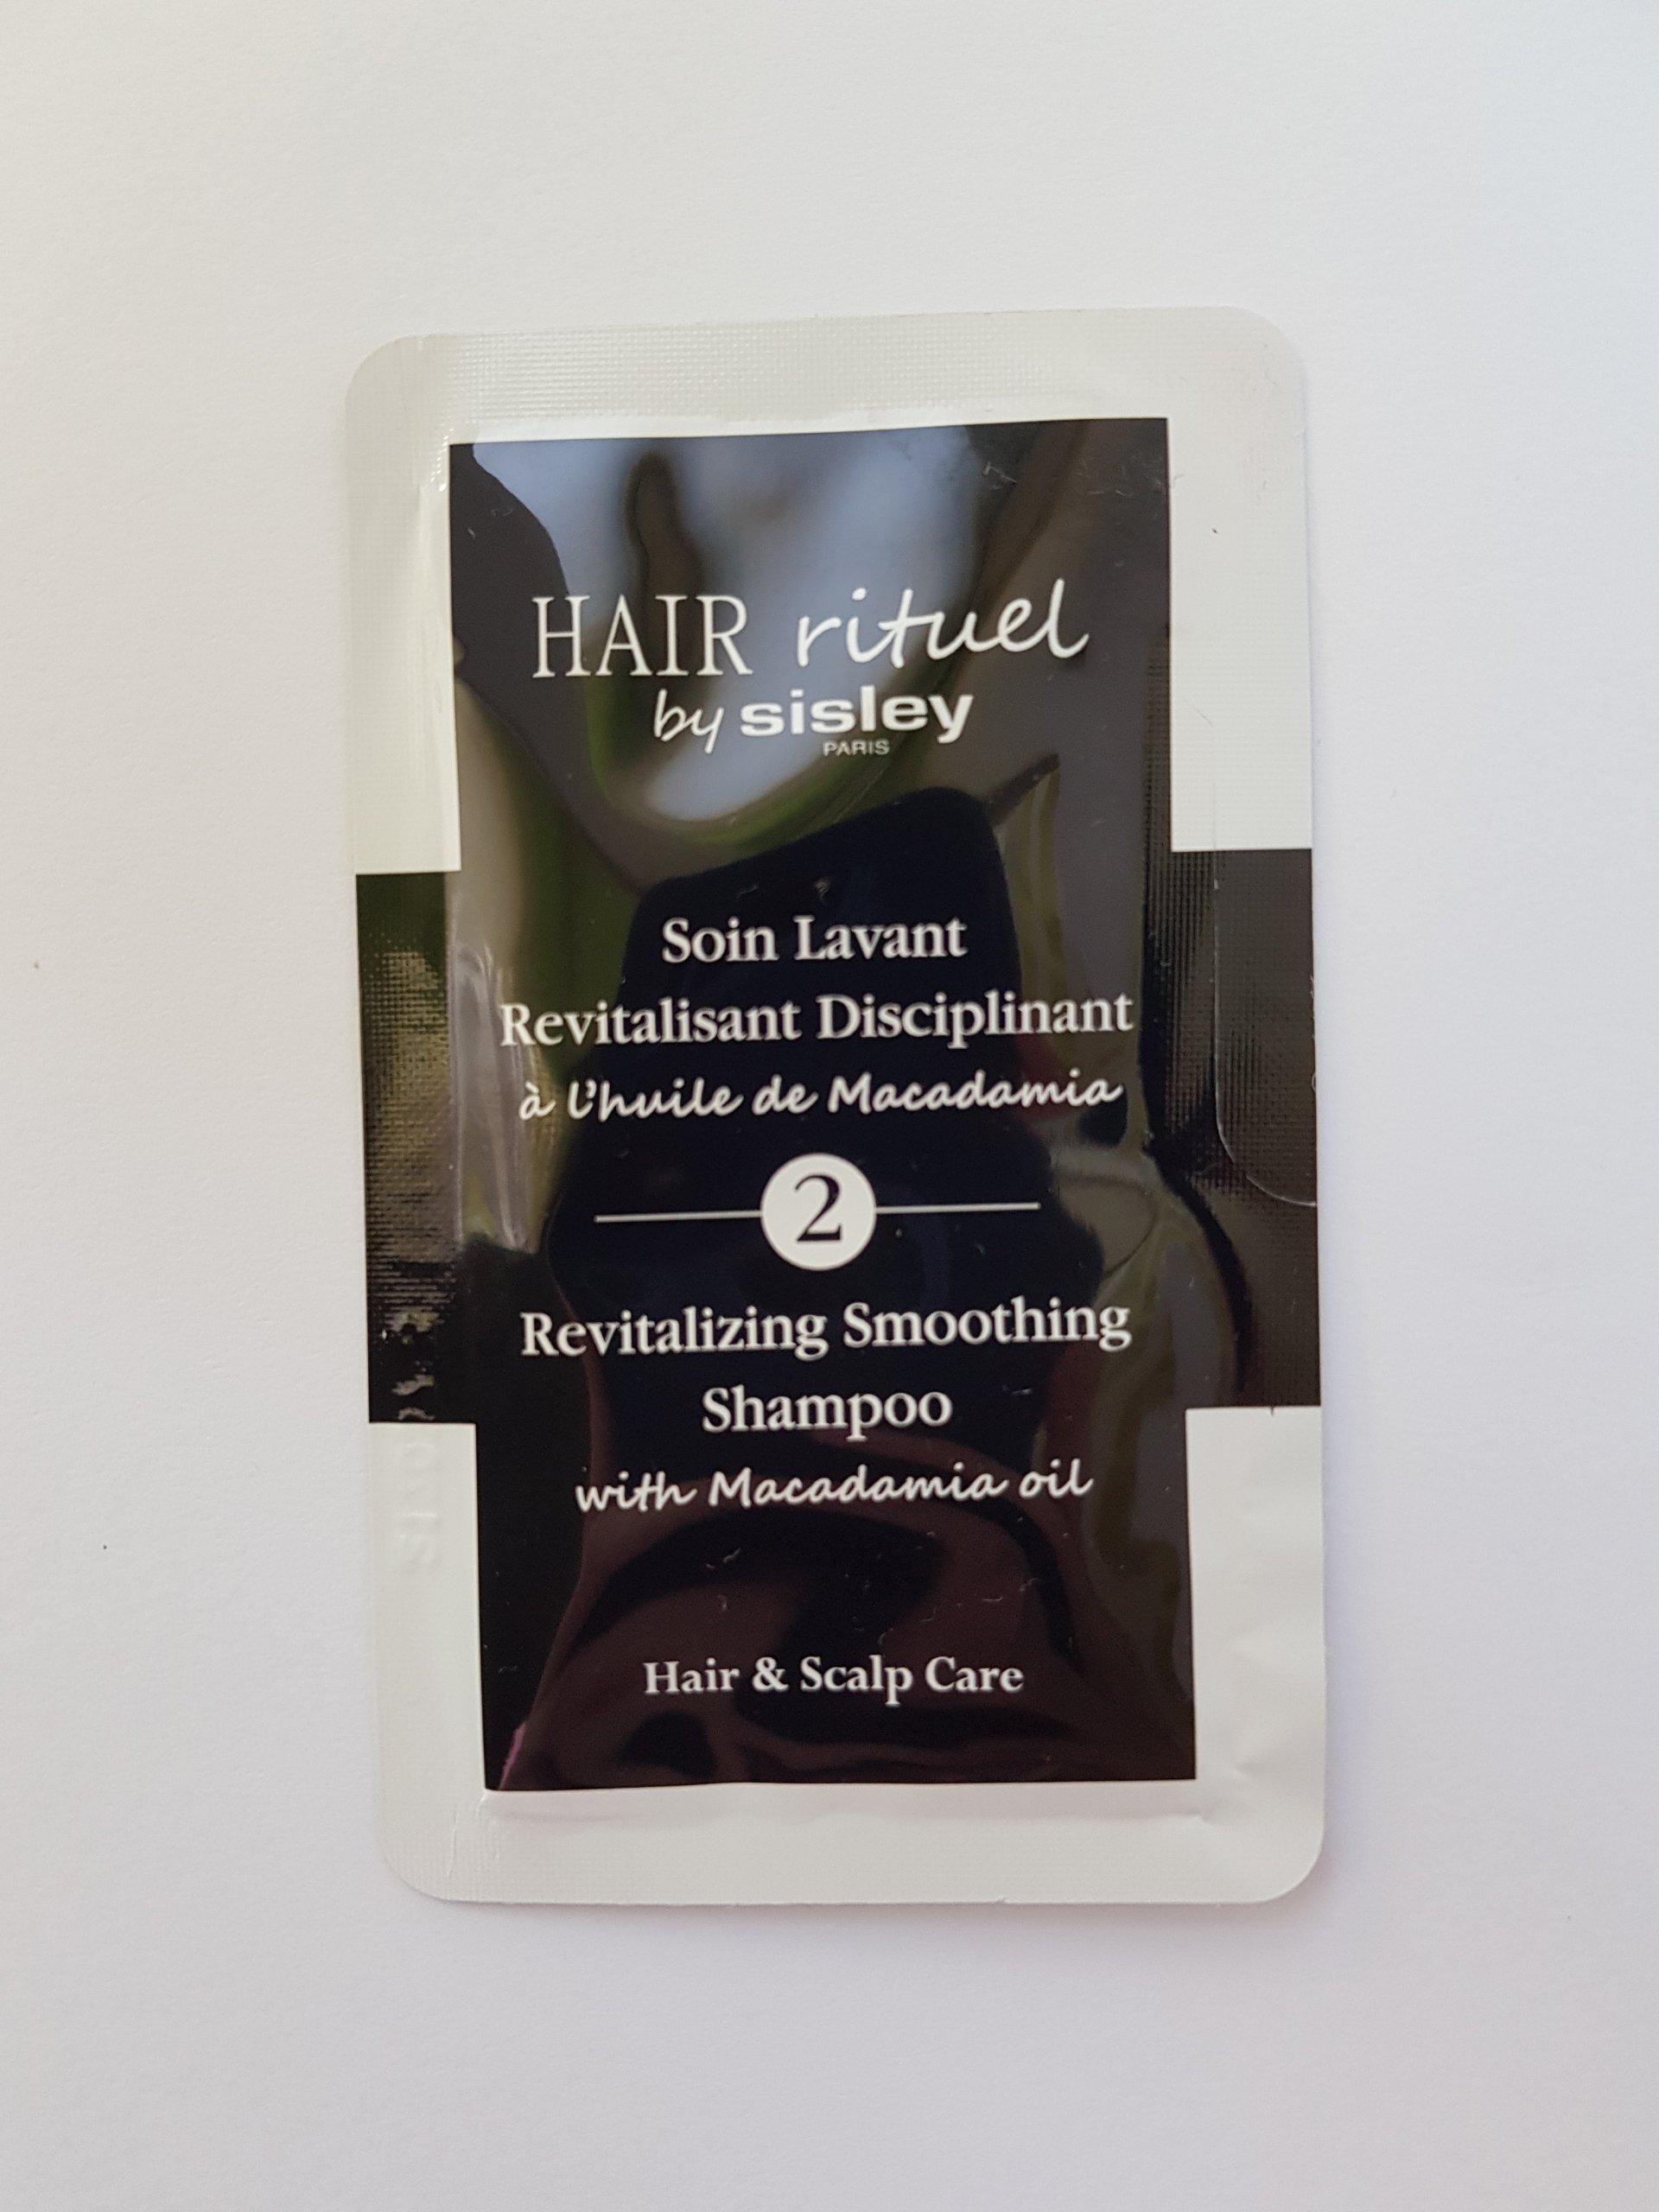 Sisley Revitalizing Smoothing Shampoo szampon 8ml